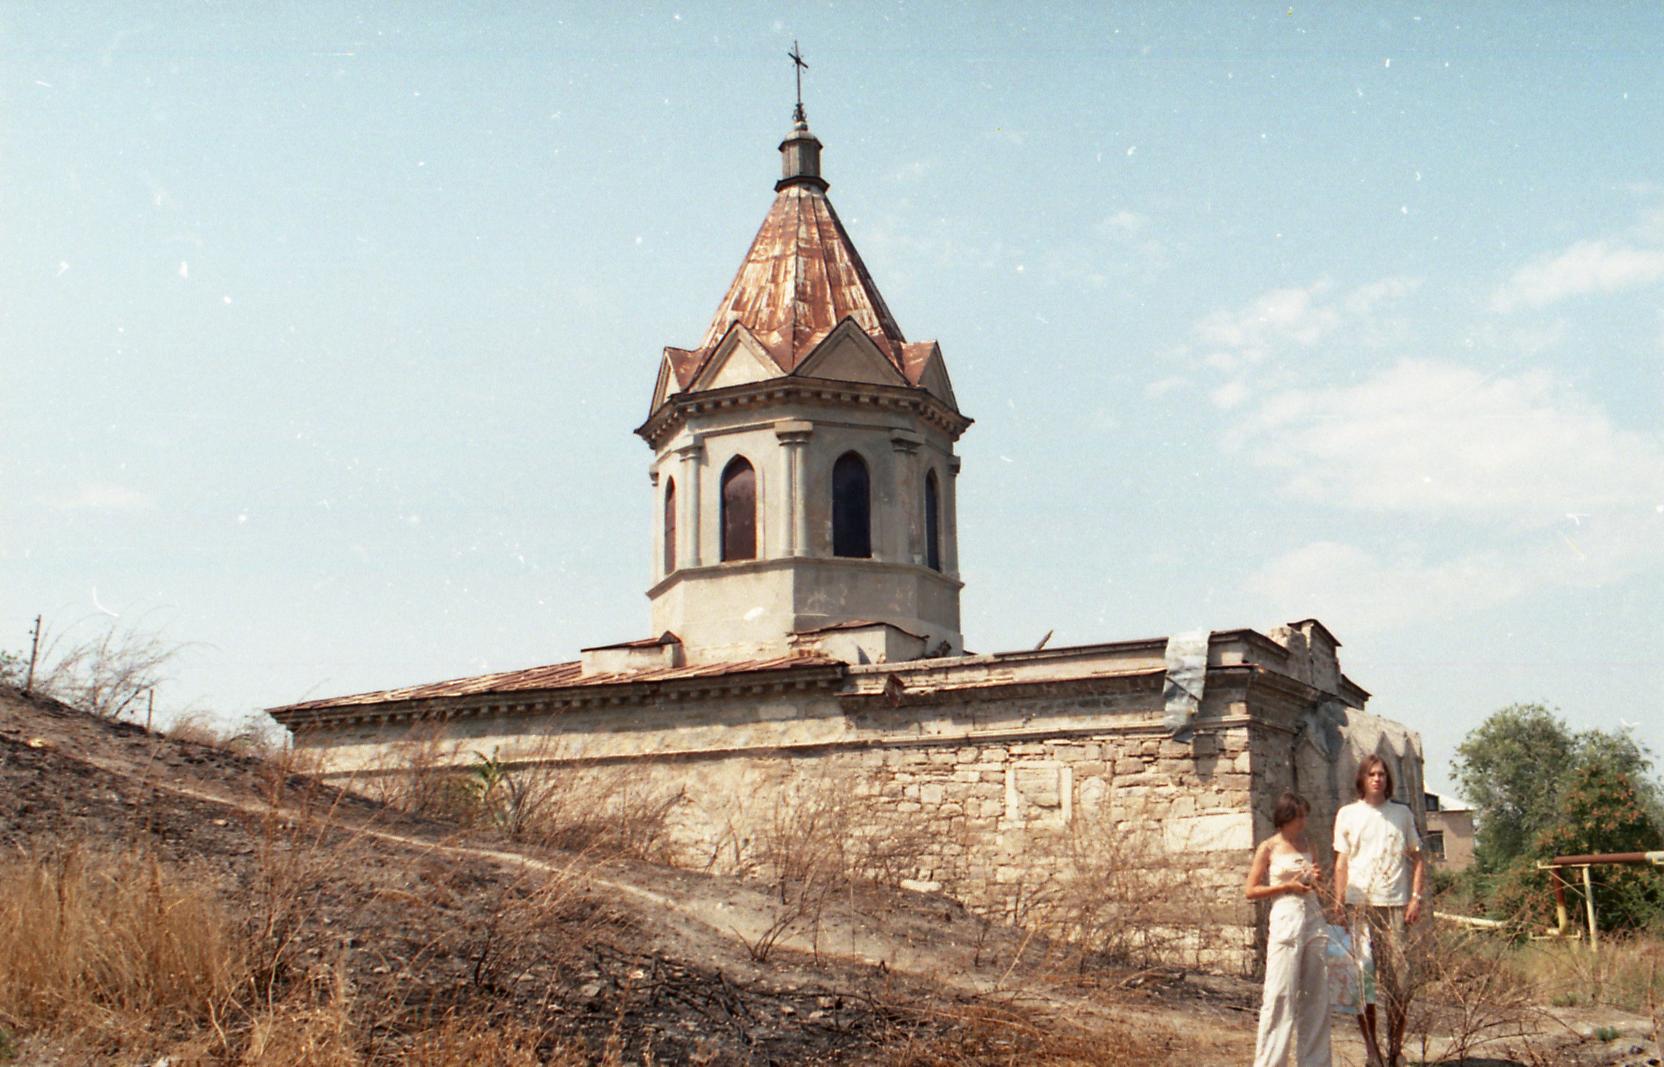 Достопримечательности Феодосии, храм Святого Георгия